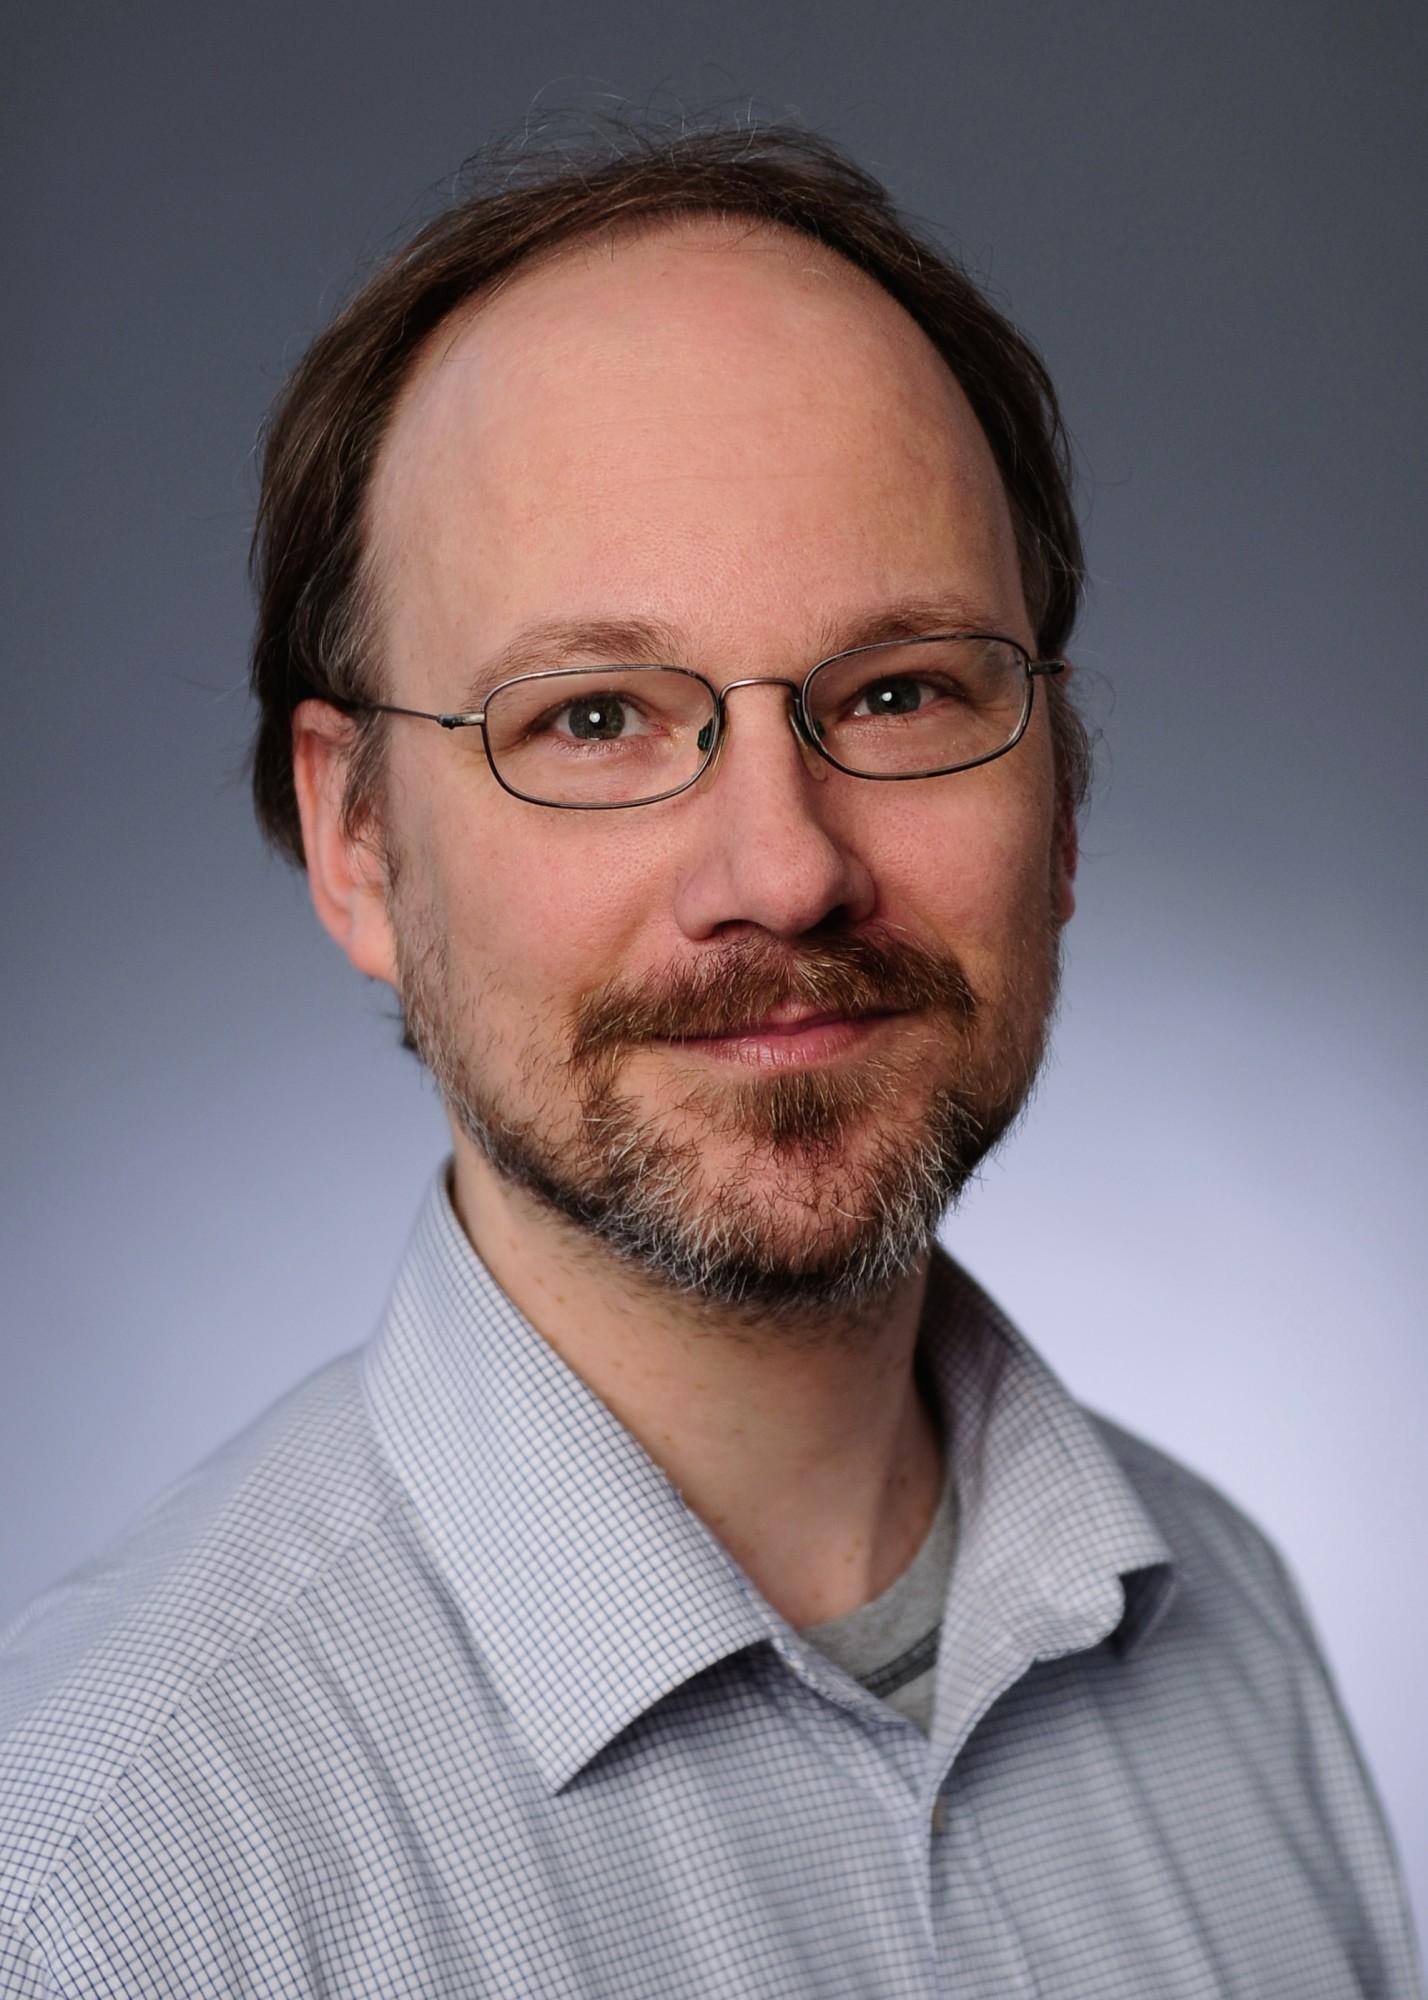 PD Dr. phil. Lutz Bergemann